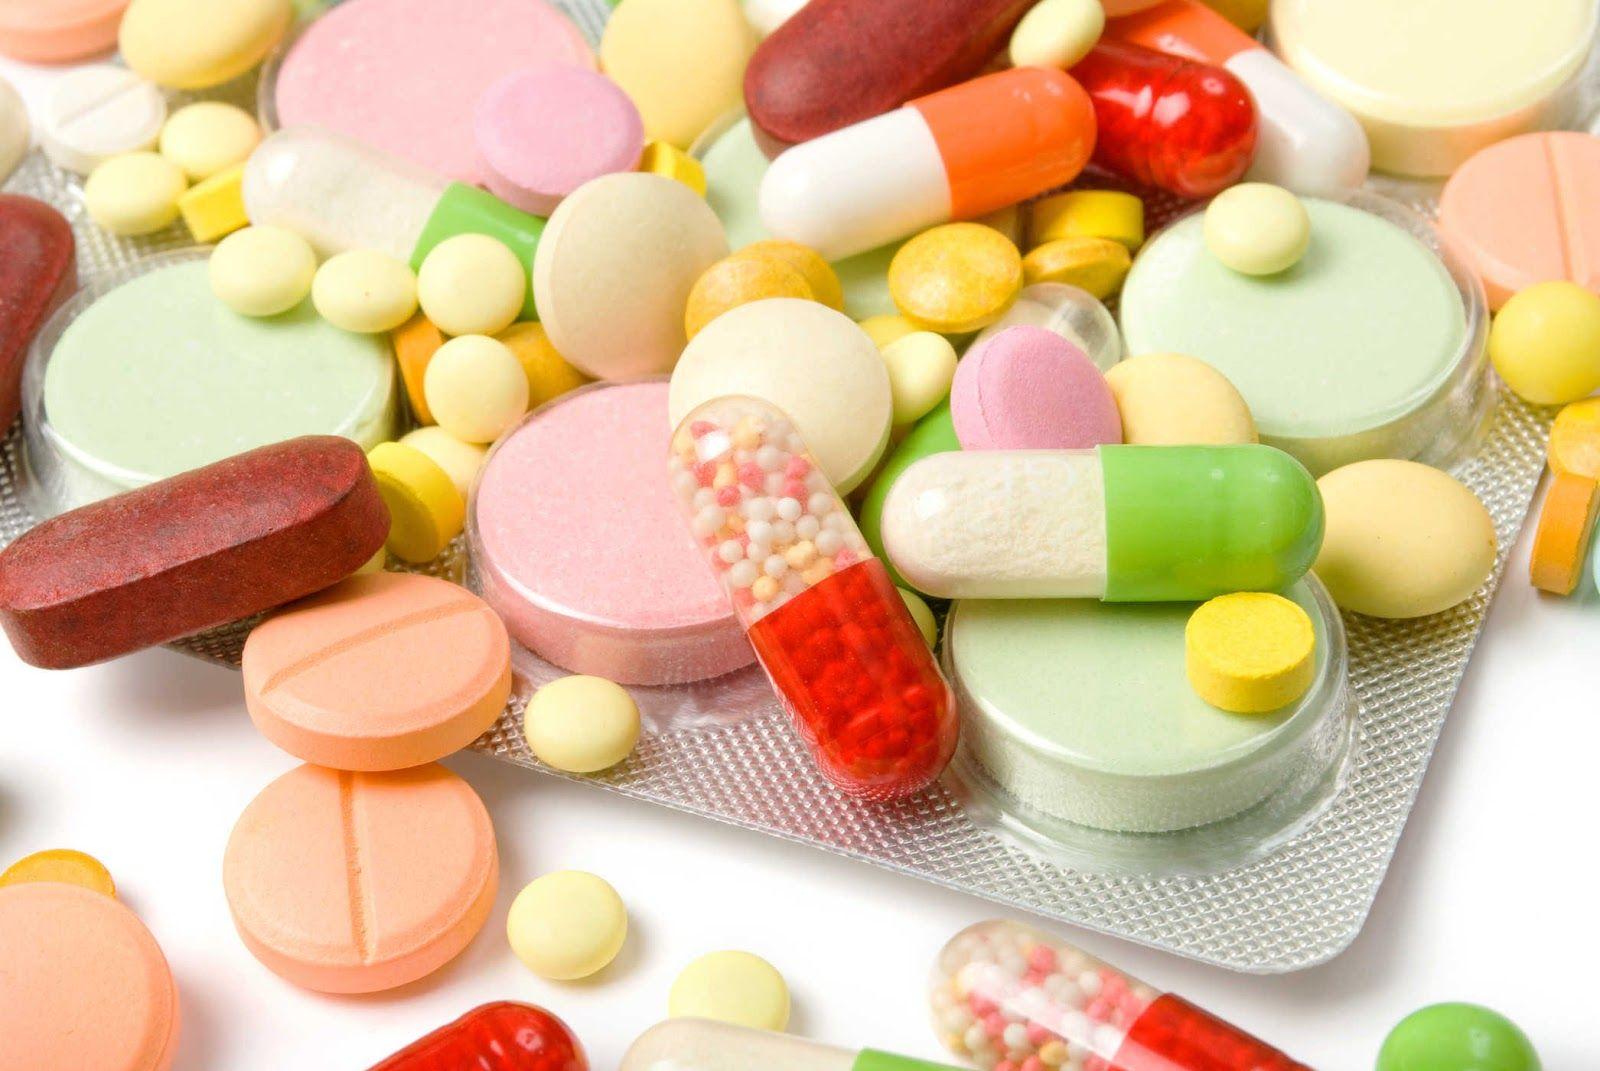 Viêm loét dạ dày có nên uống thuốc kháng diệt HP